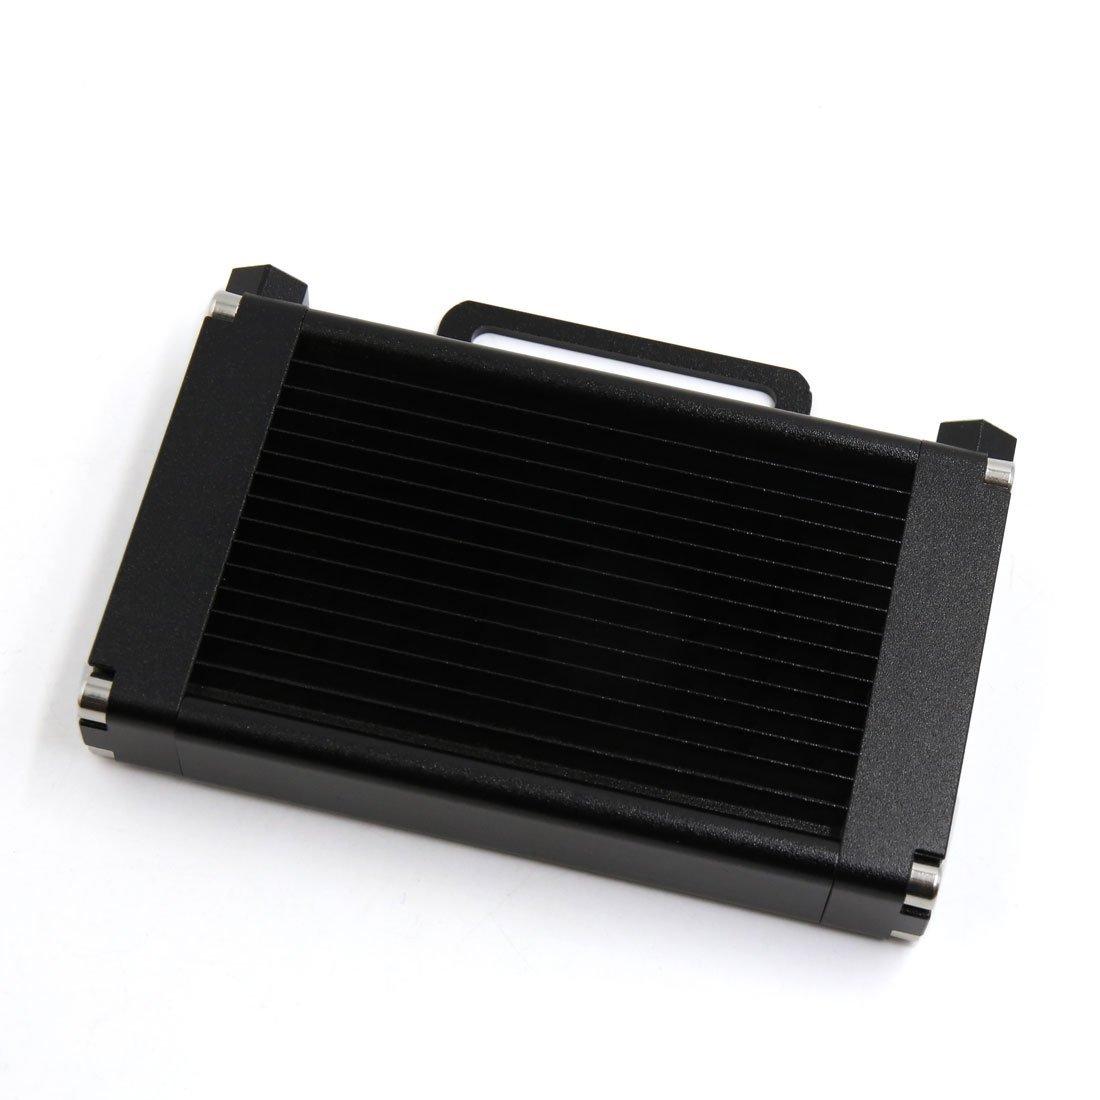 Amazon.com: eDealMax Negro aleación de aluminio DE 14 filas DE 9 mm Hilo Sujetar Dia de la motocicleta del Motor del refrigerador de aceite del radiador: ...